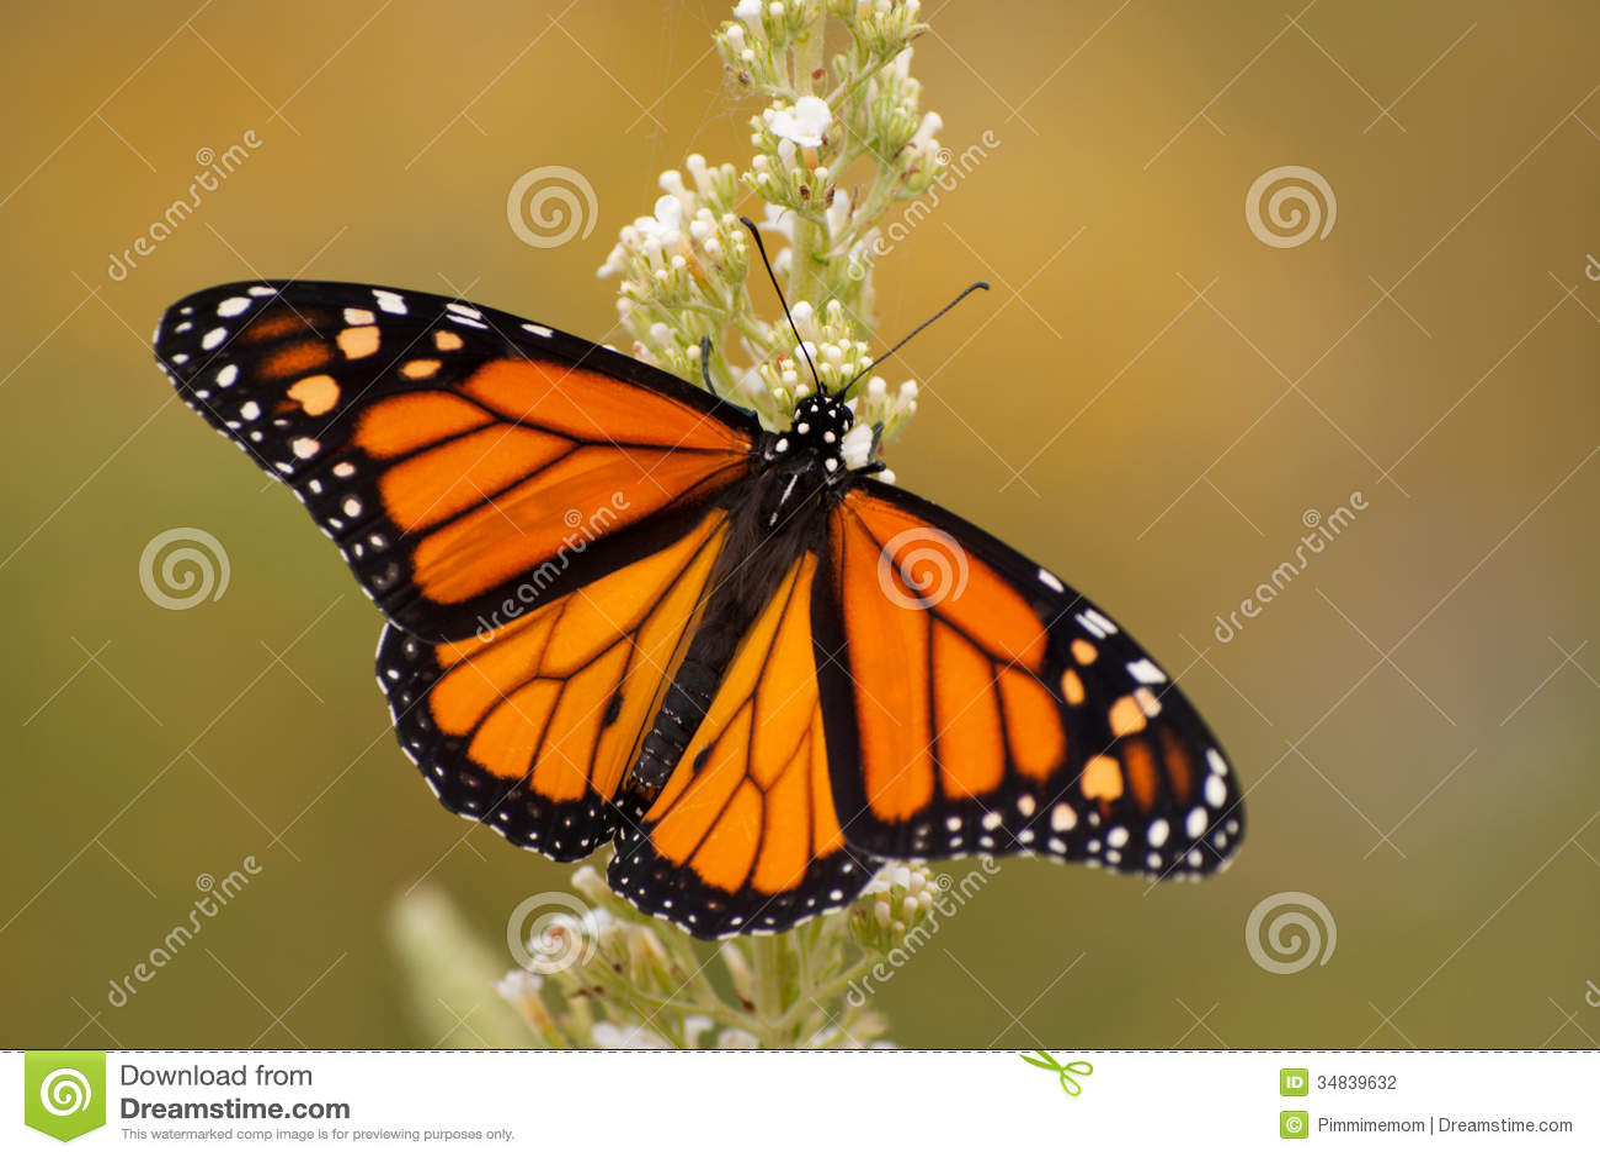 Mariposa de monarca masculino en jardín del verano